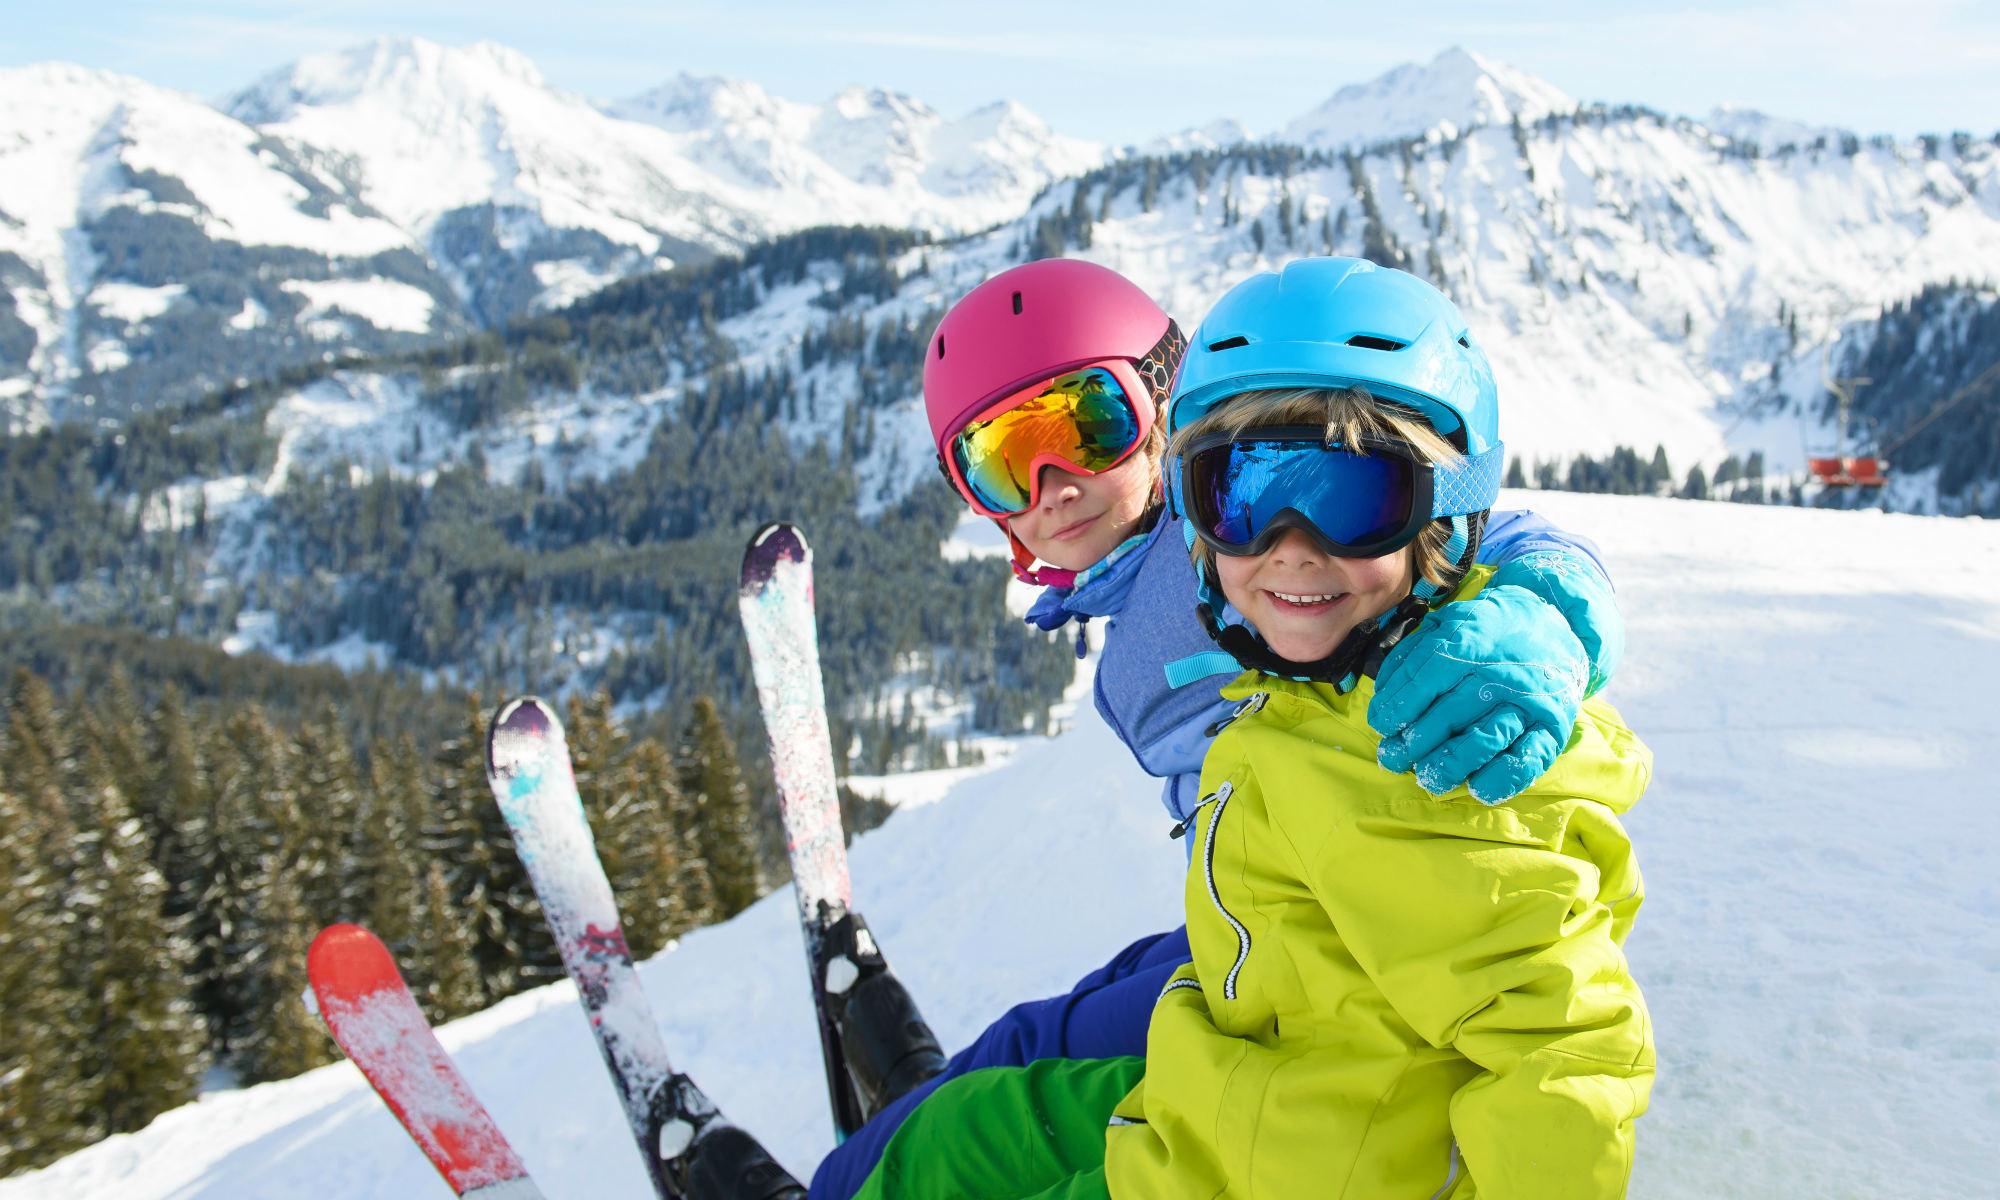 Un frère et une soeur souriants sont assis dans la neige en haut d'une piste de ski.